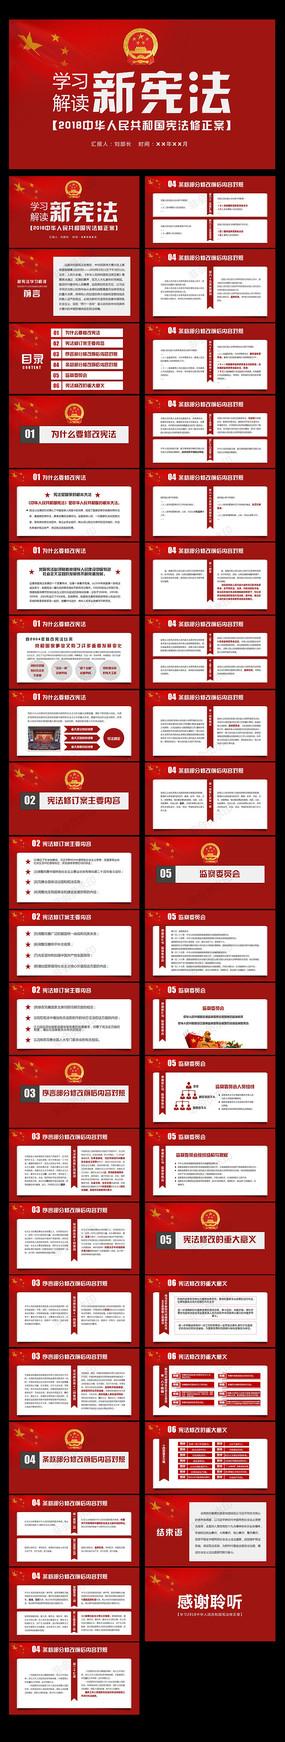 学习宪法修正案ppt模板